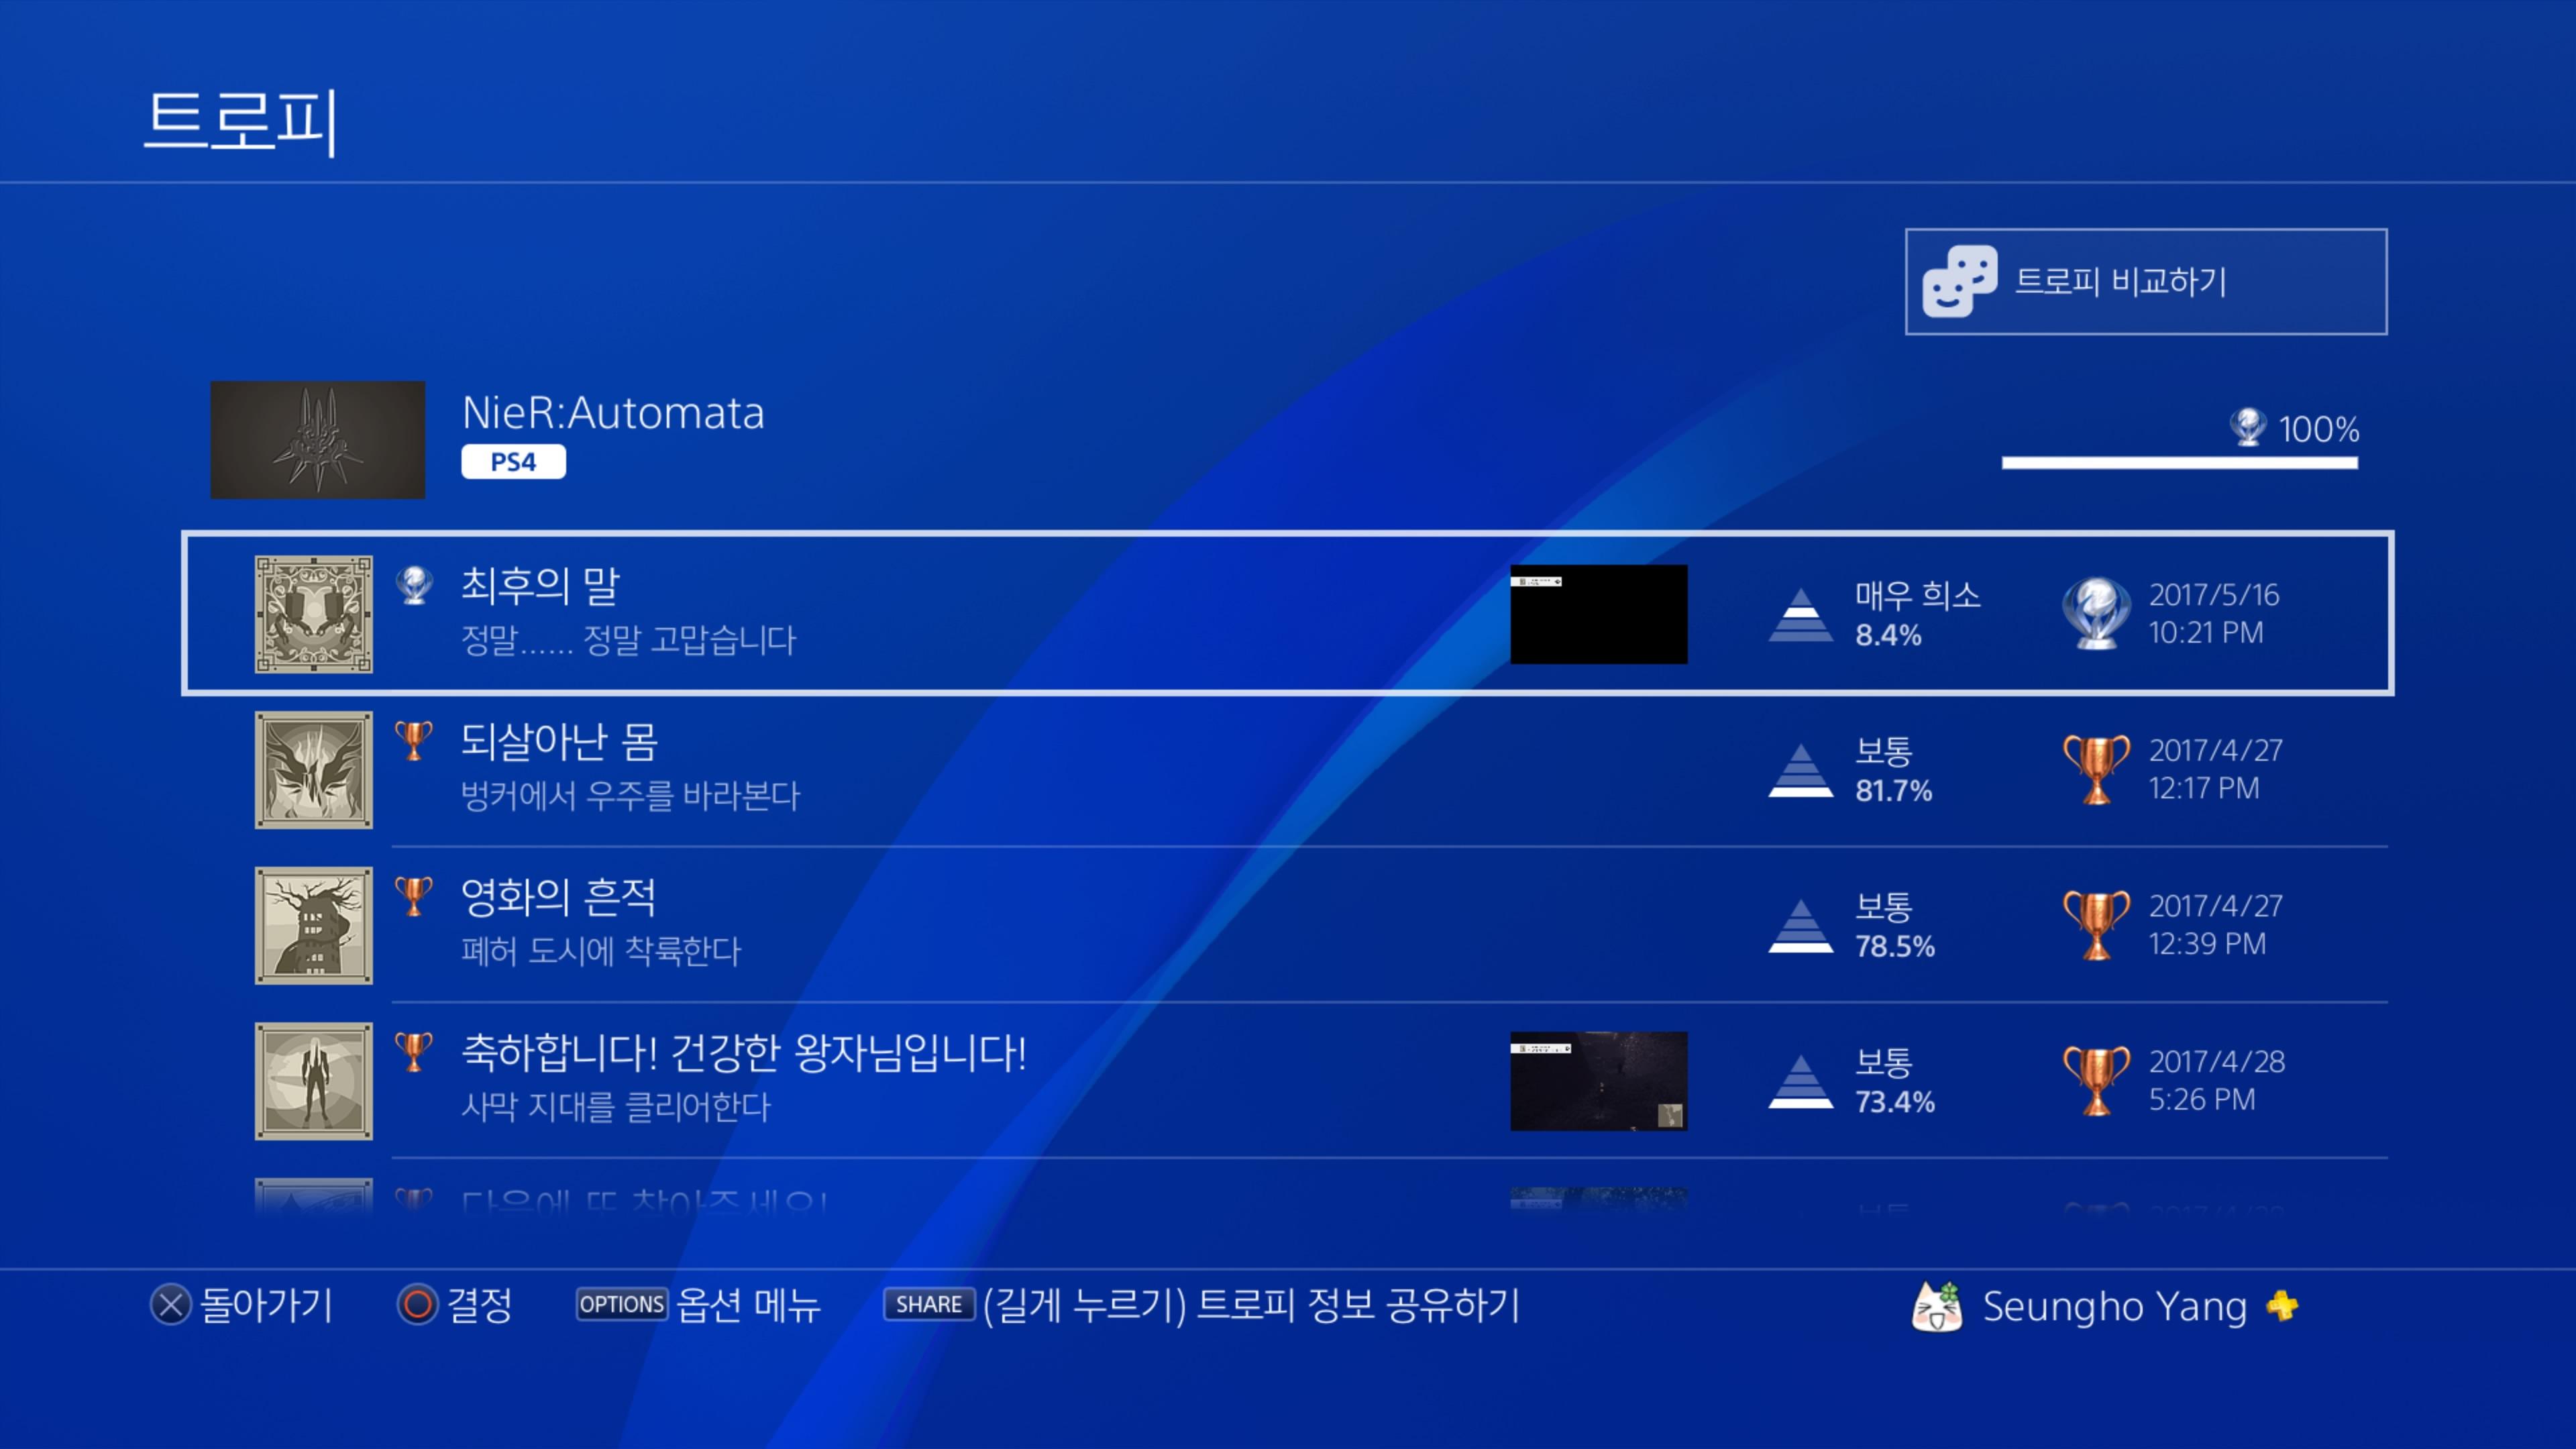 [PS4] 니어 오토마타 플래티넘!